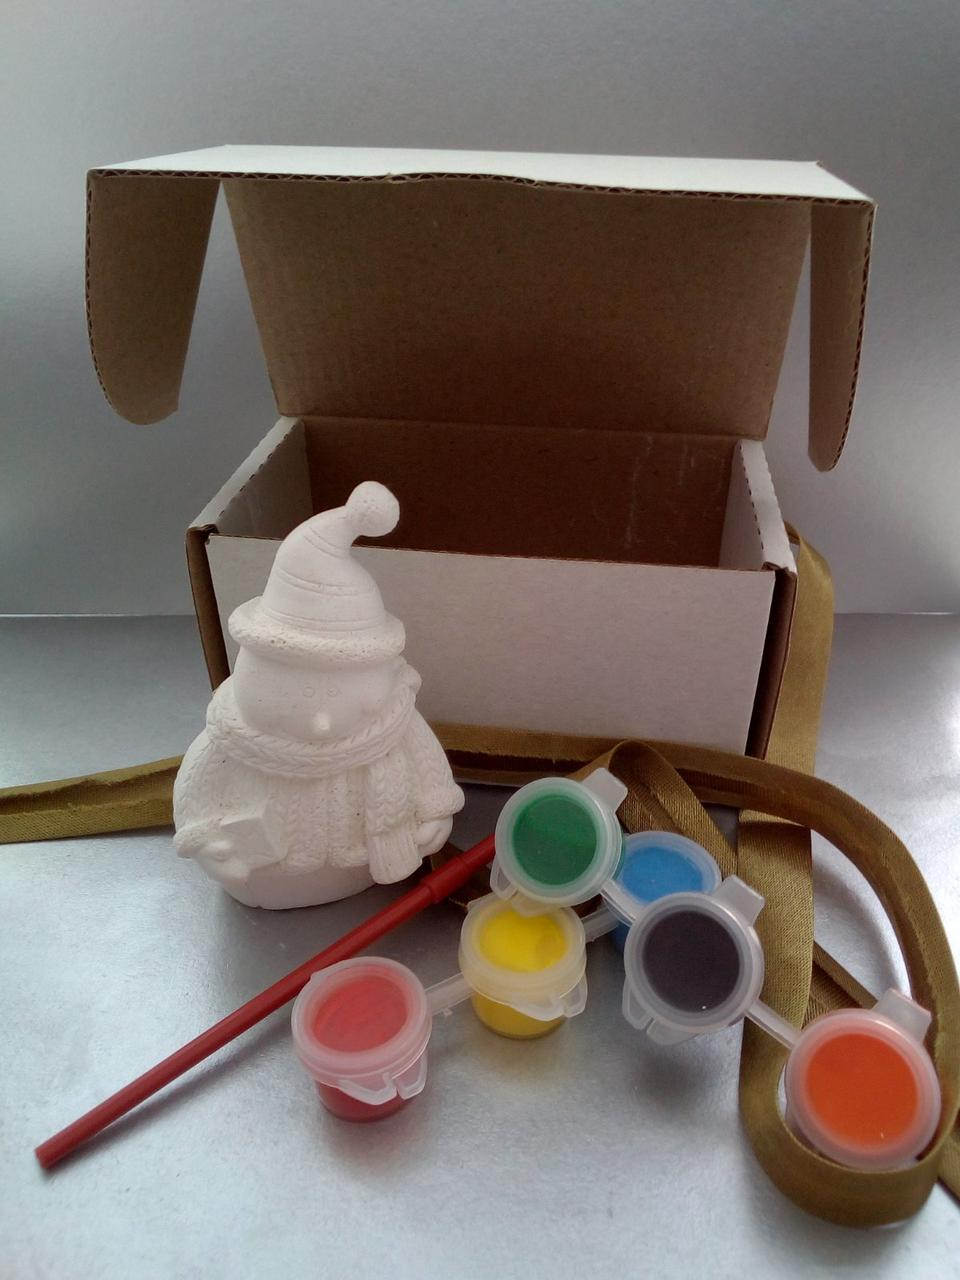 Новогодний набор гипсовых фигурок. Новорічний набір гіпсових фігурок. №78, фото 1